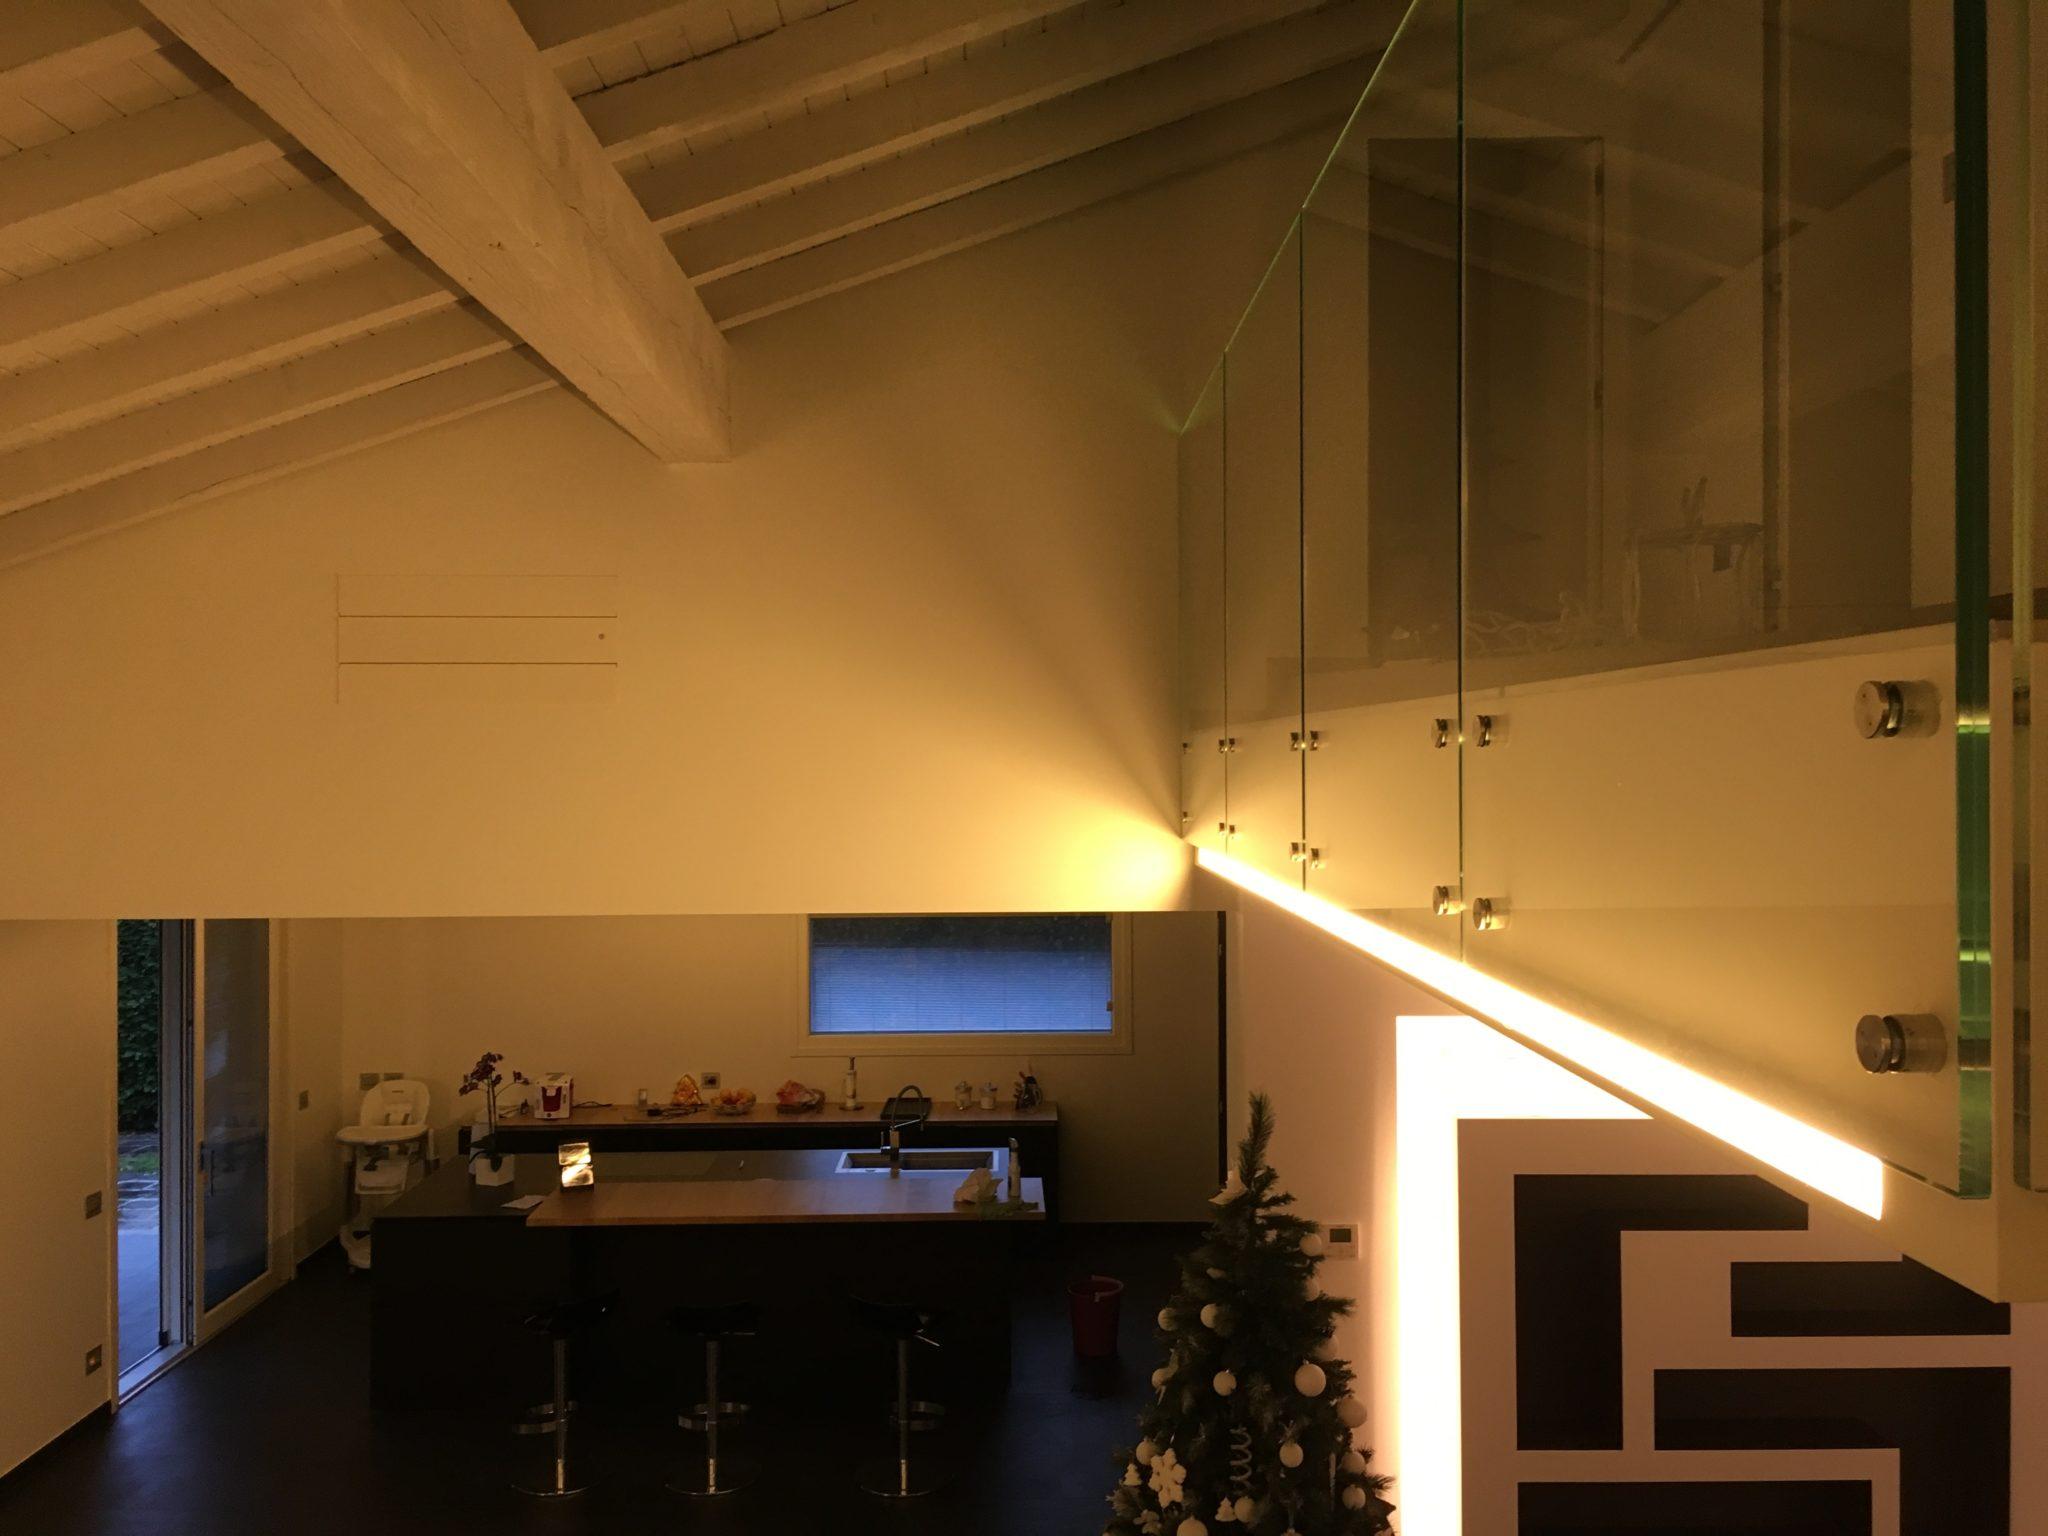 Illuminazione a led in riflessione tramite profilo alluminio a scomparsa totale